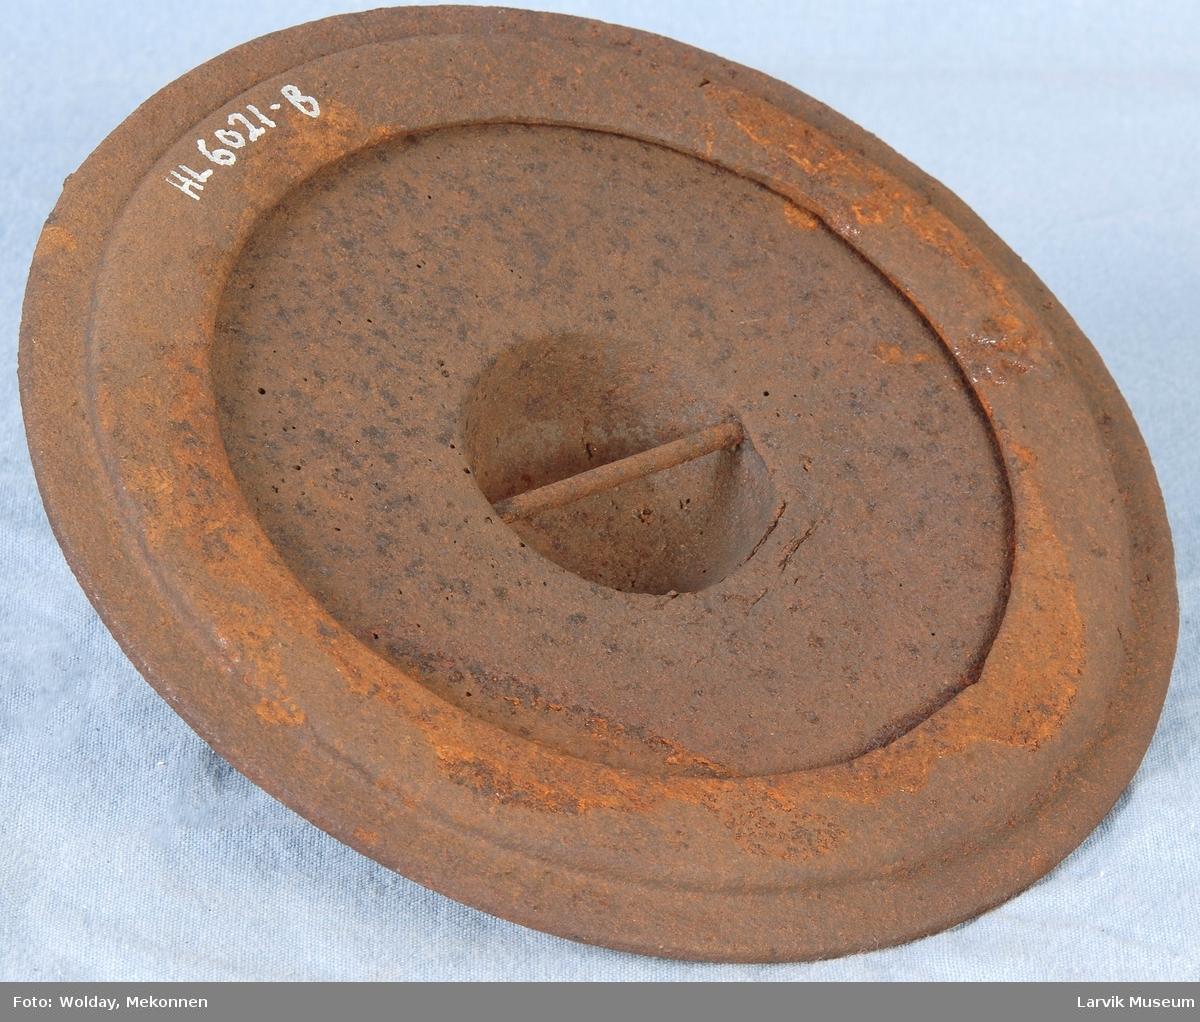 Rundt lokk til jernovn, ant. etasjeovn, nedsunket håndtak/grep danner en kule på baksiden. Ring